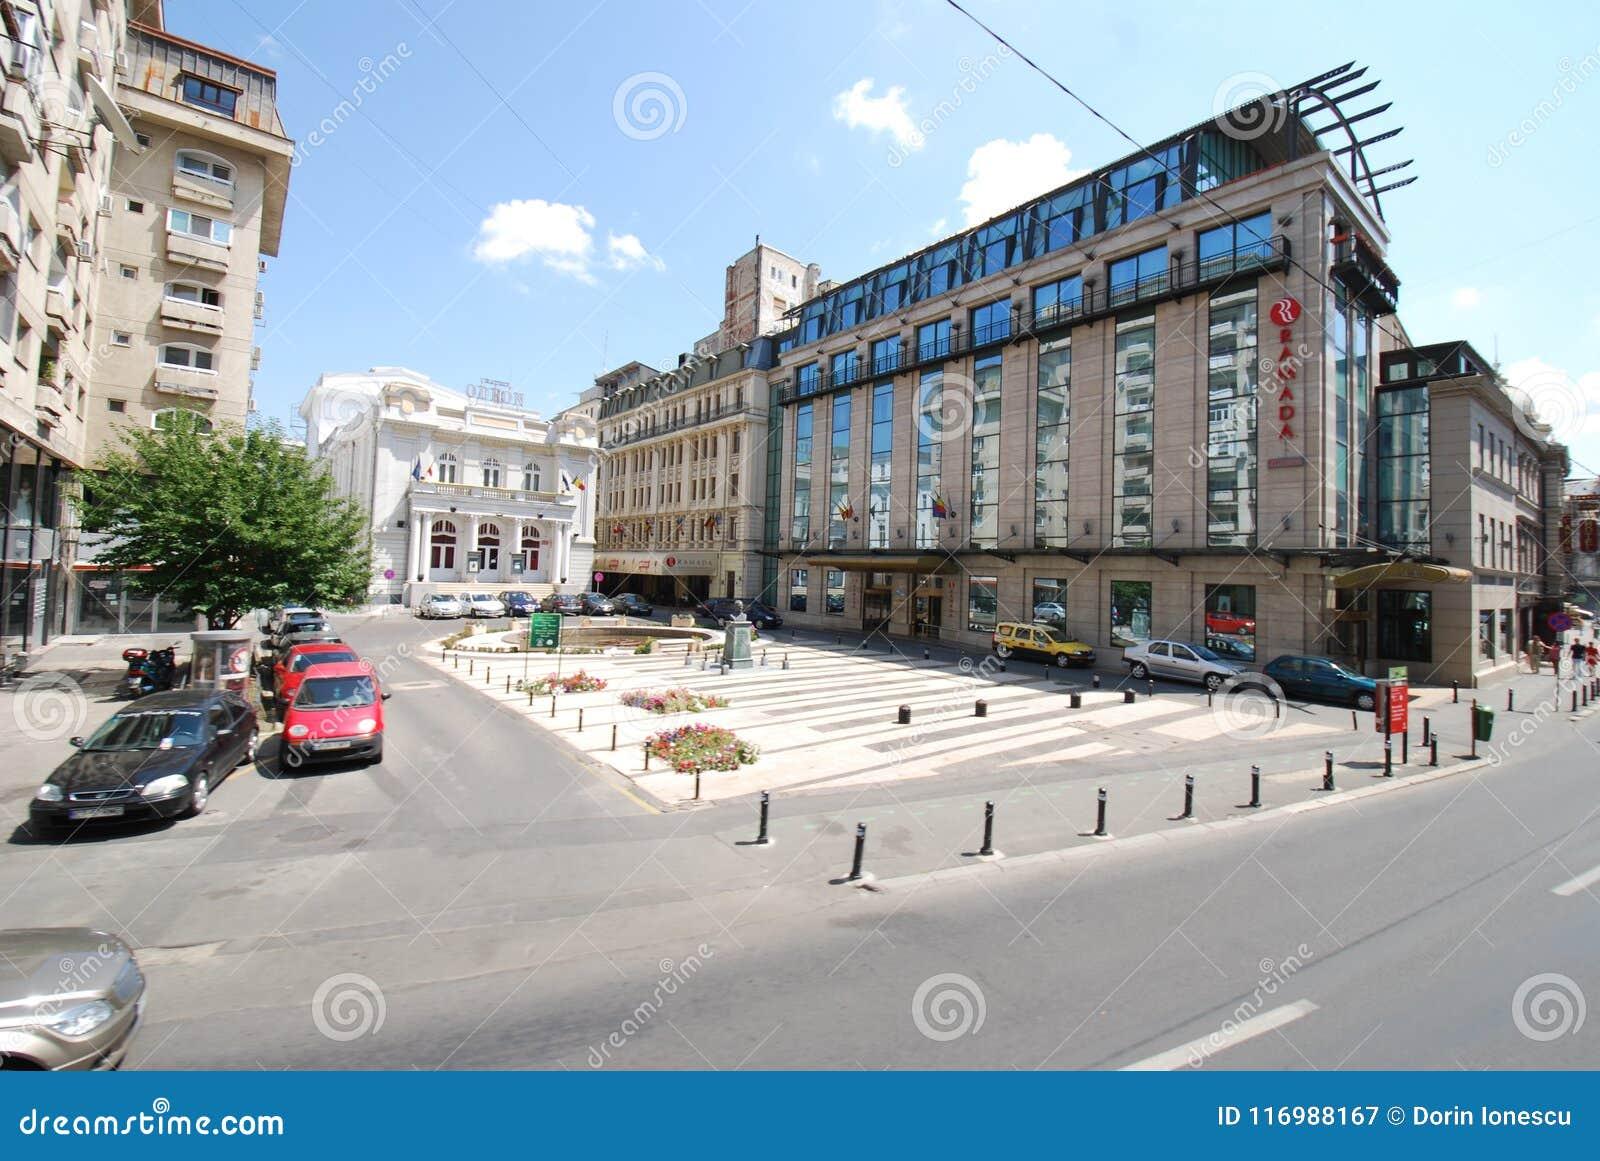 Teatro di Odeon, area metropolitana, vicinanza, plaza, uso misto